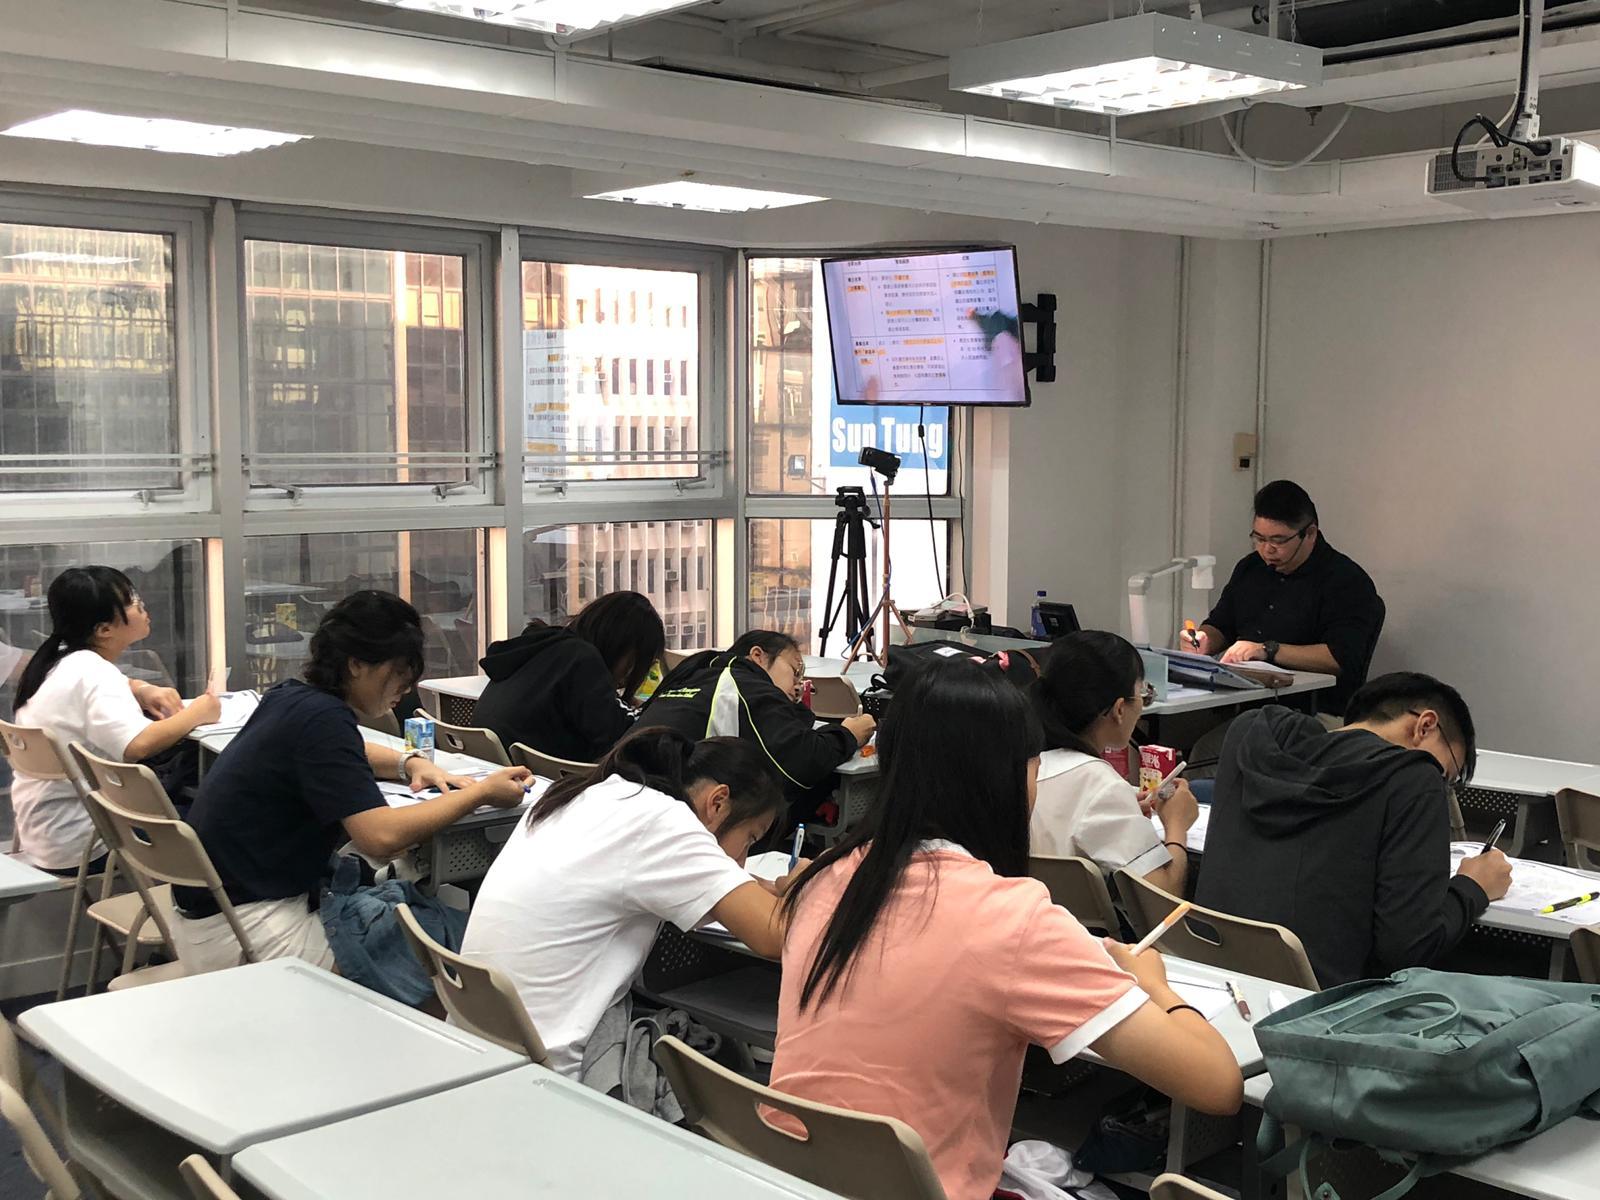 立方教育 - 通識精讀班課堂